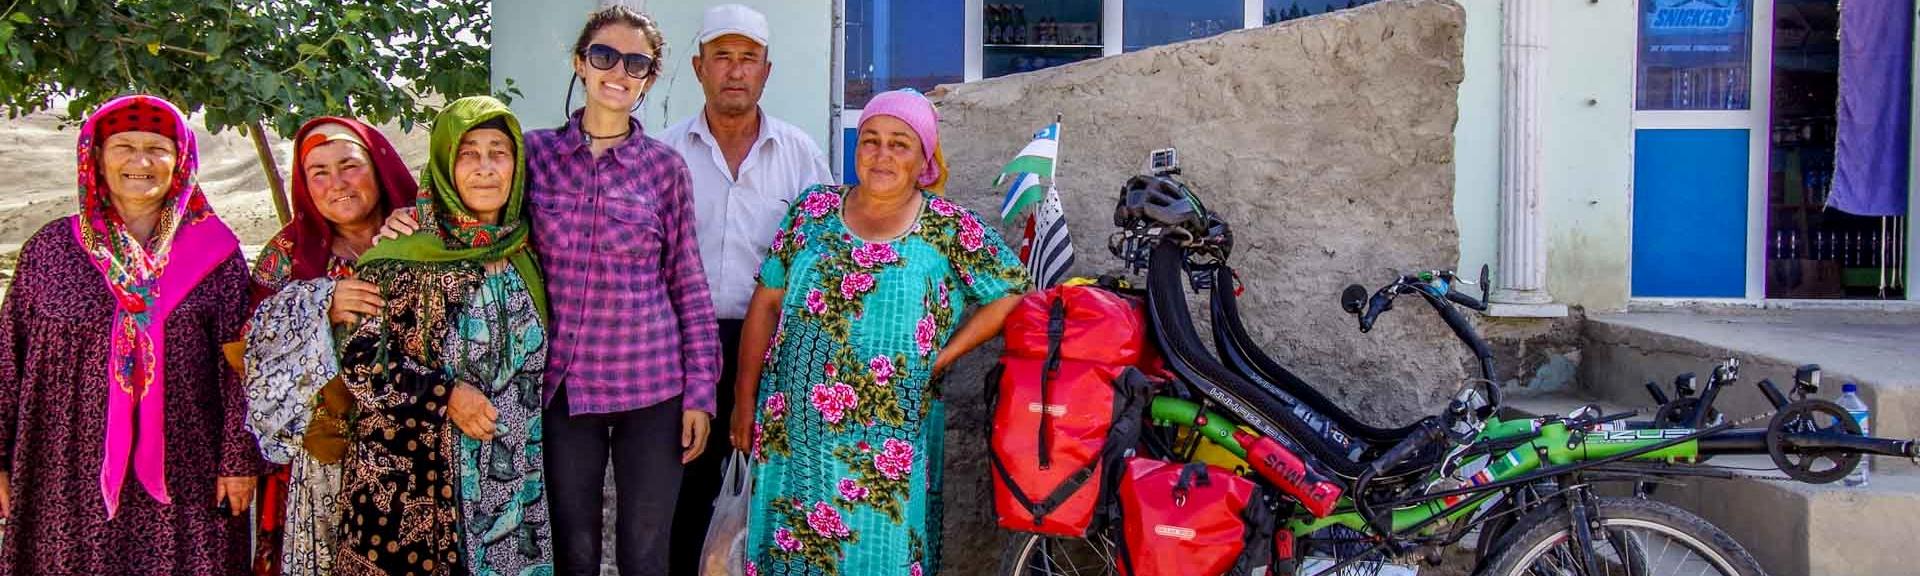 Acısıyla tatlısıyla elveda Özbekistan